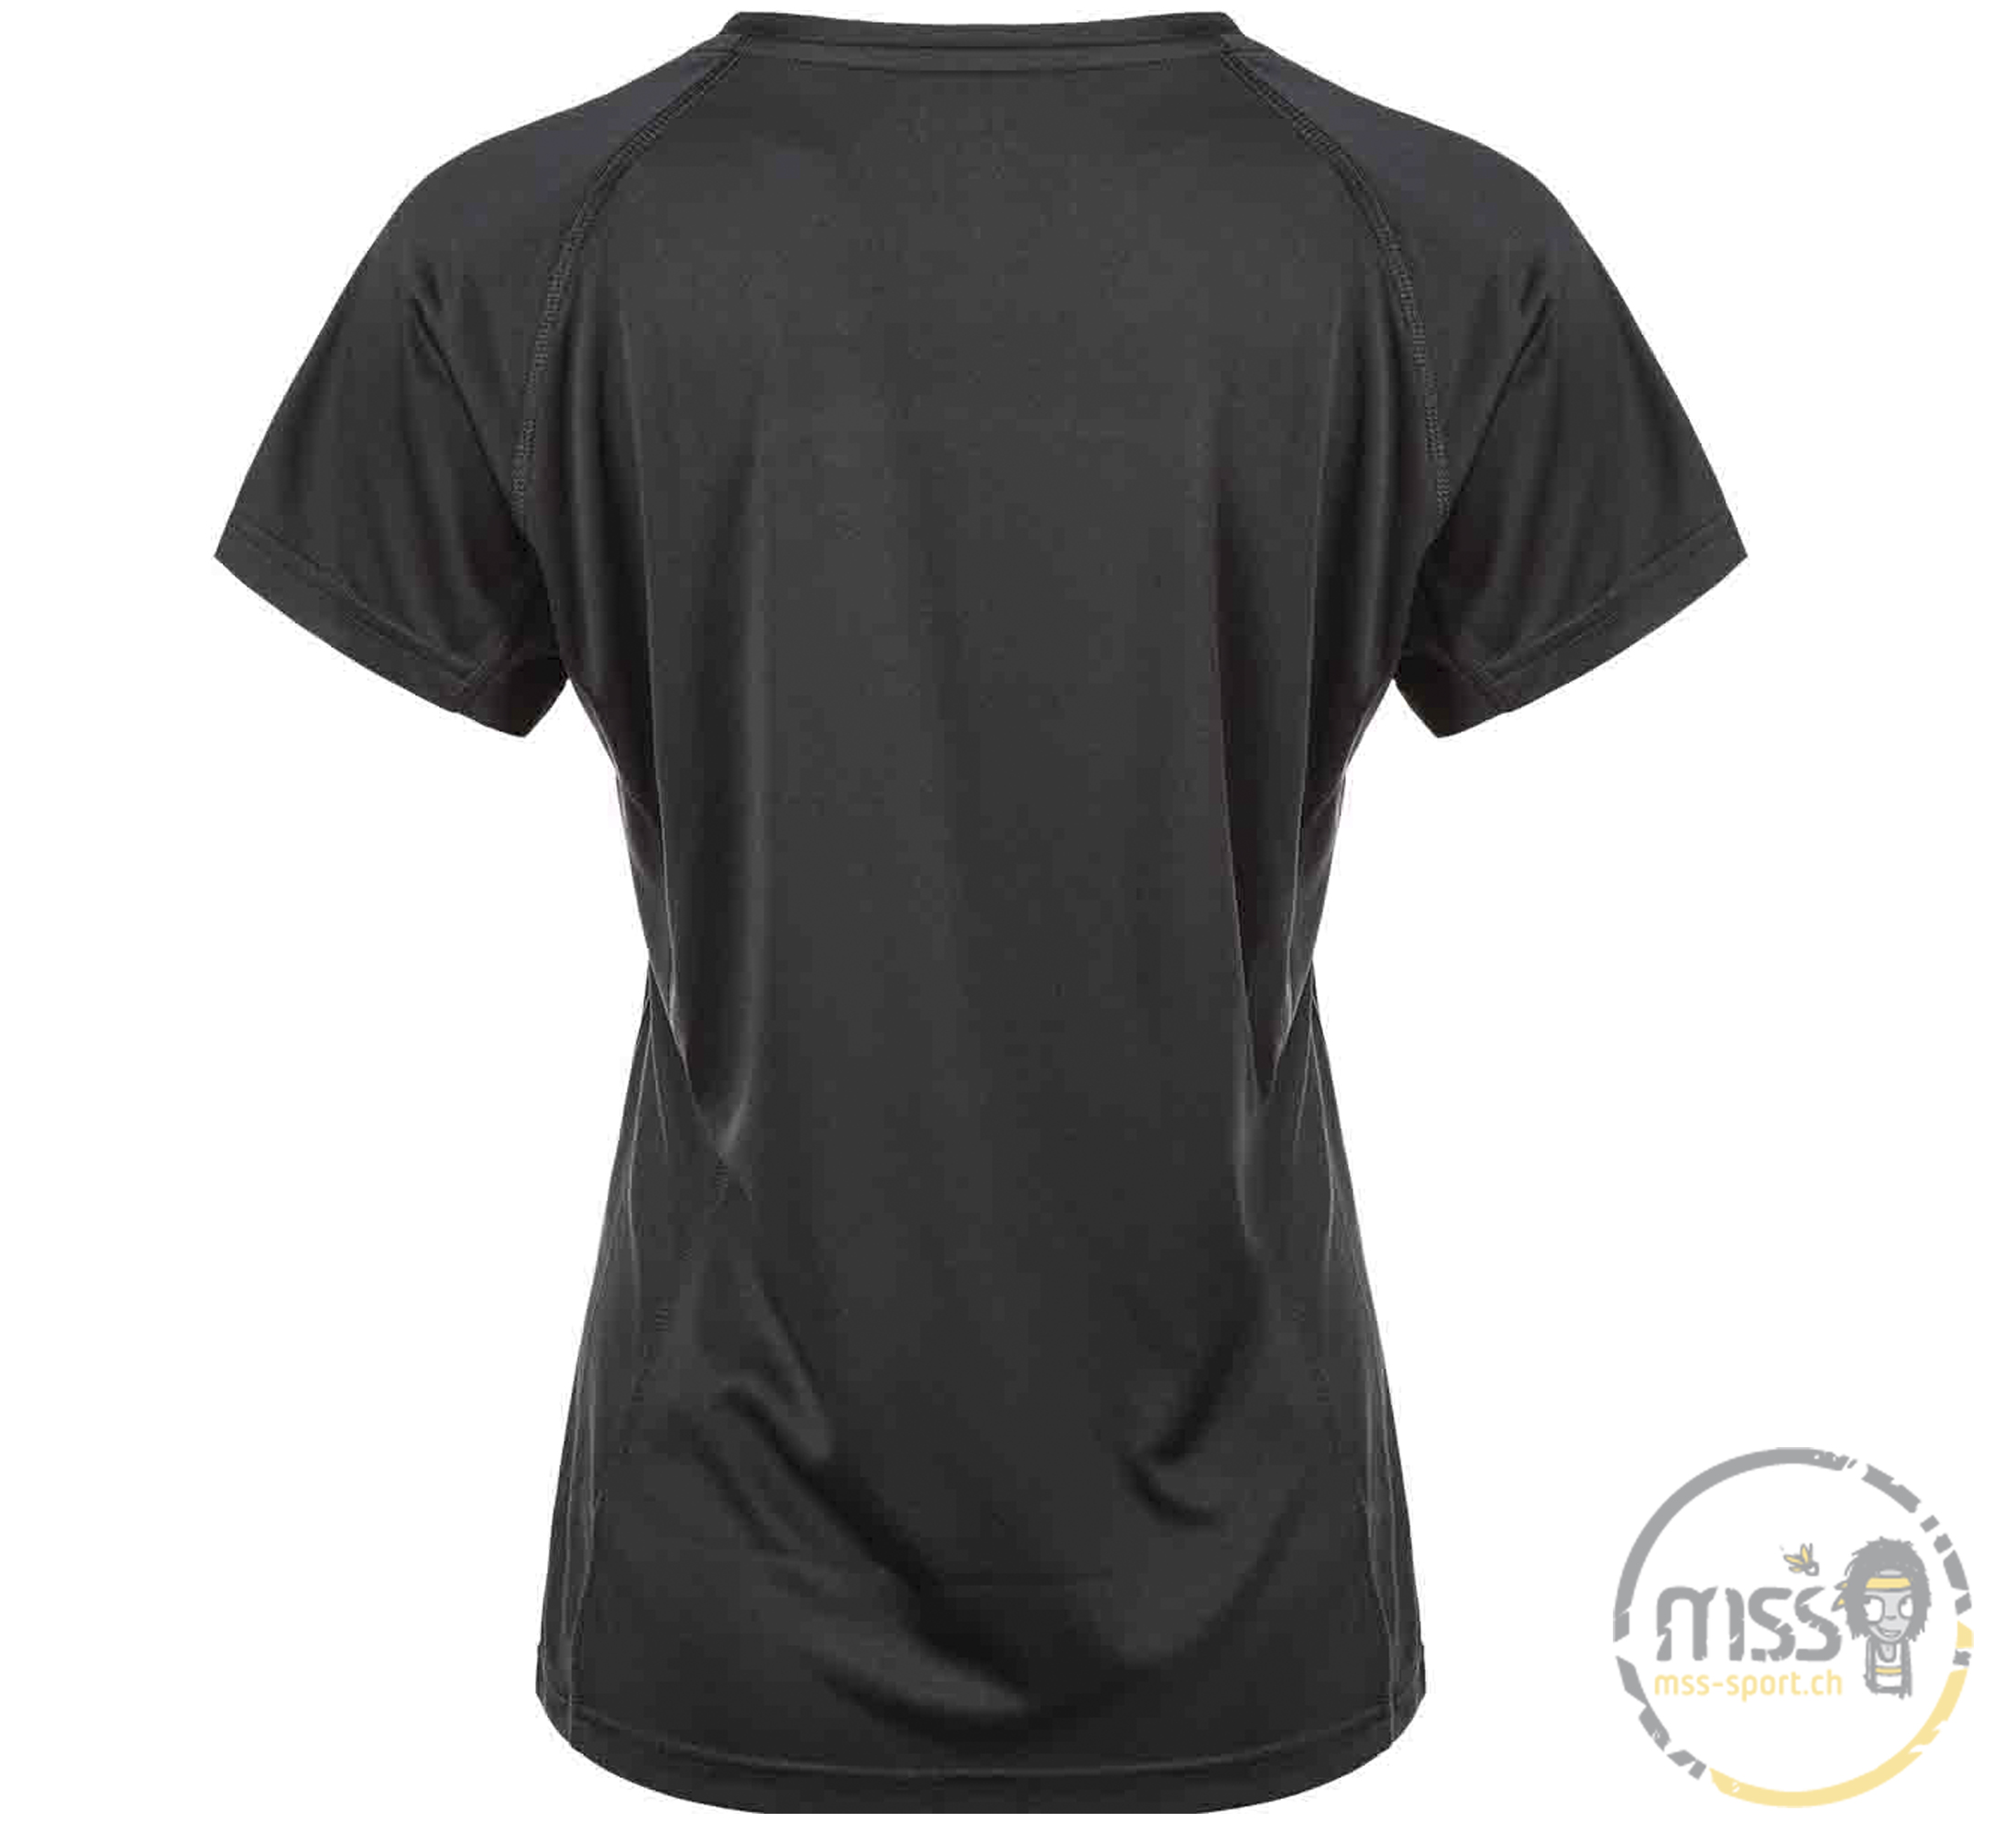 Forza Shirt Blingley Tee black Lady